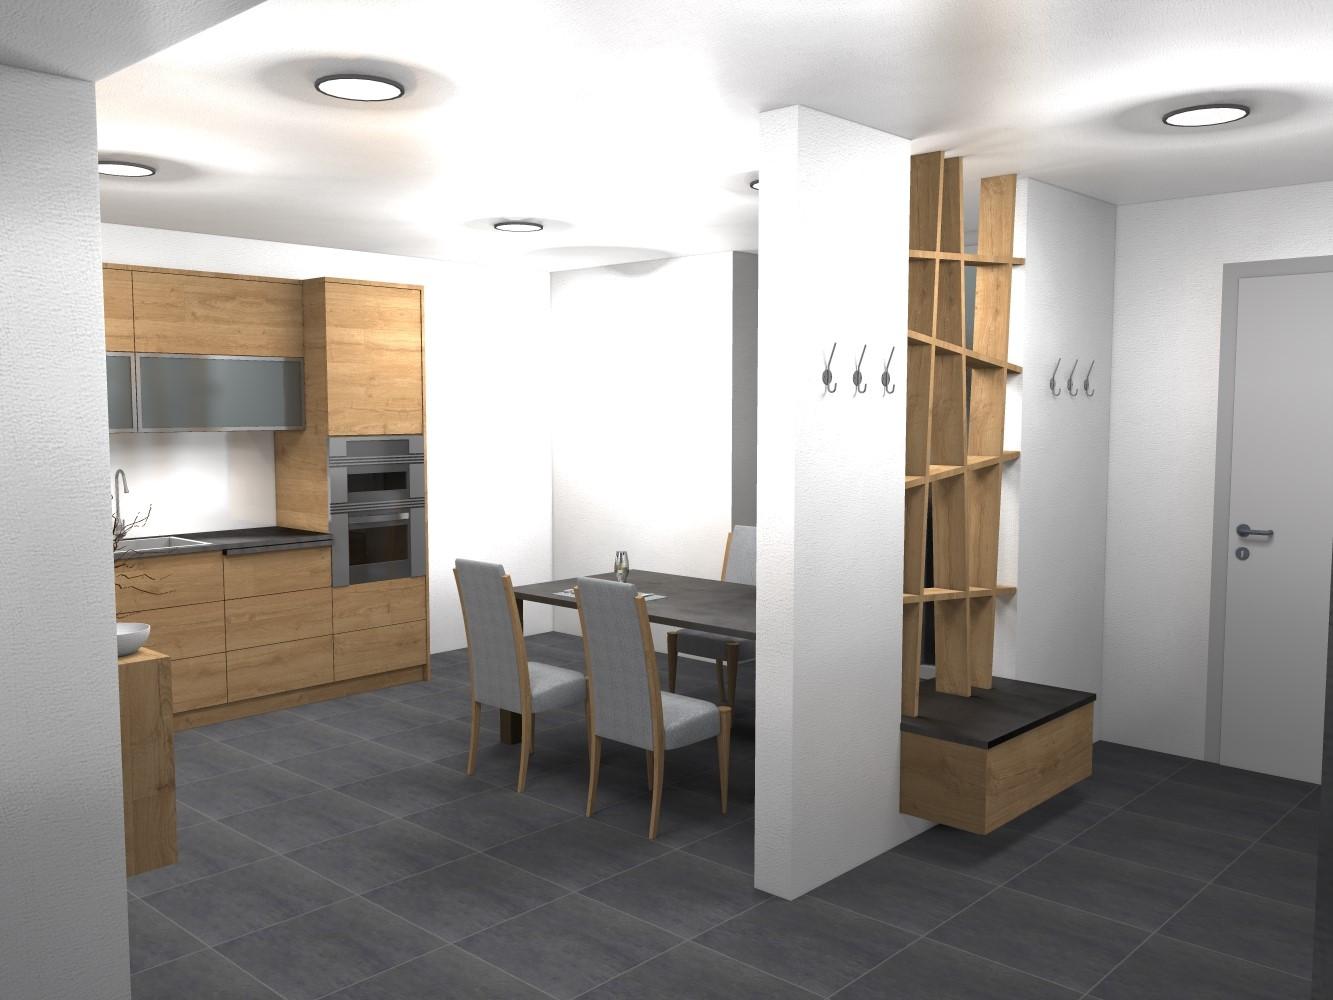 Küche_mit_Raumteiler